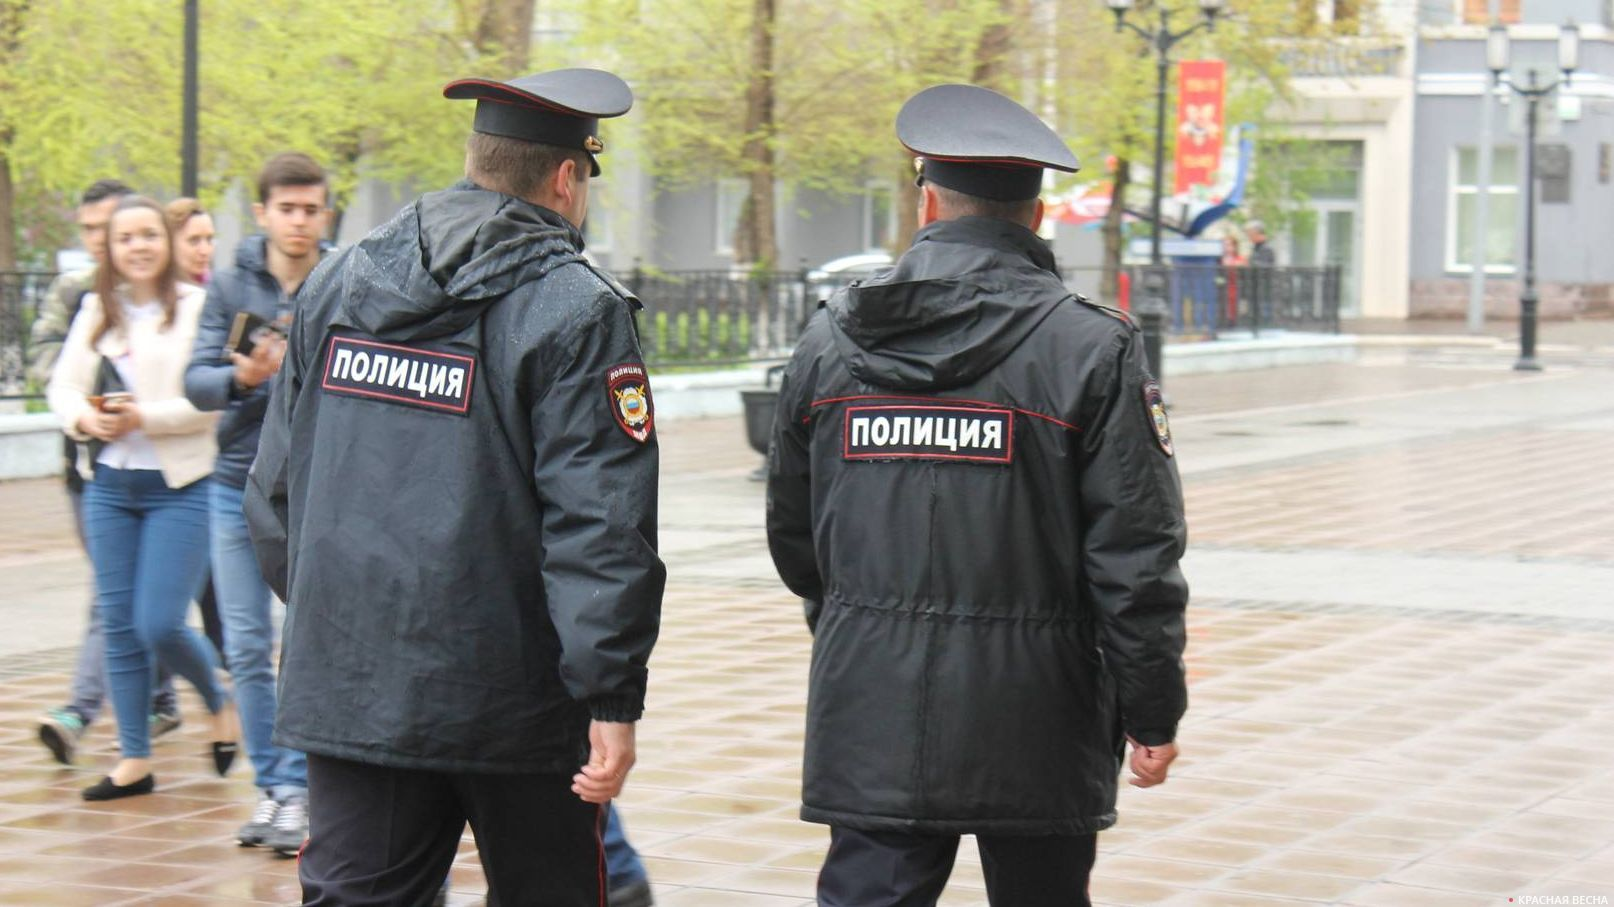 Полиция. Сотрудники